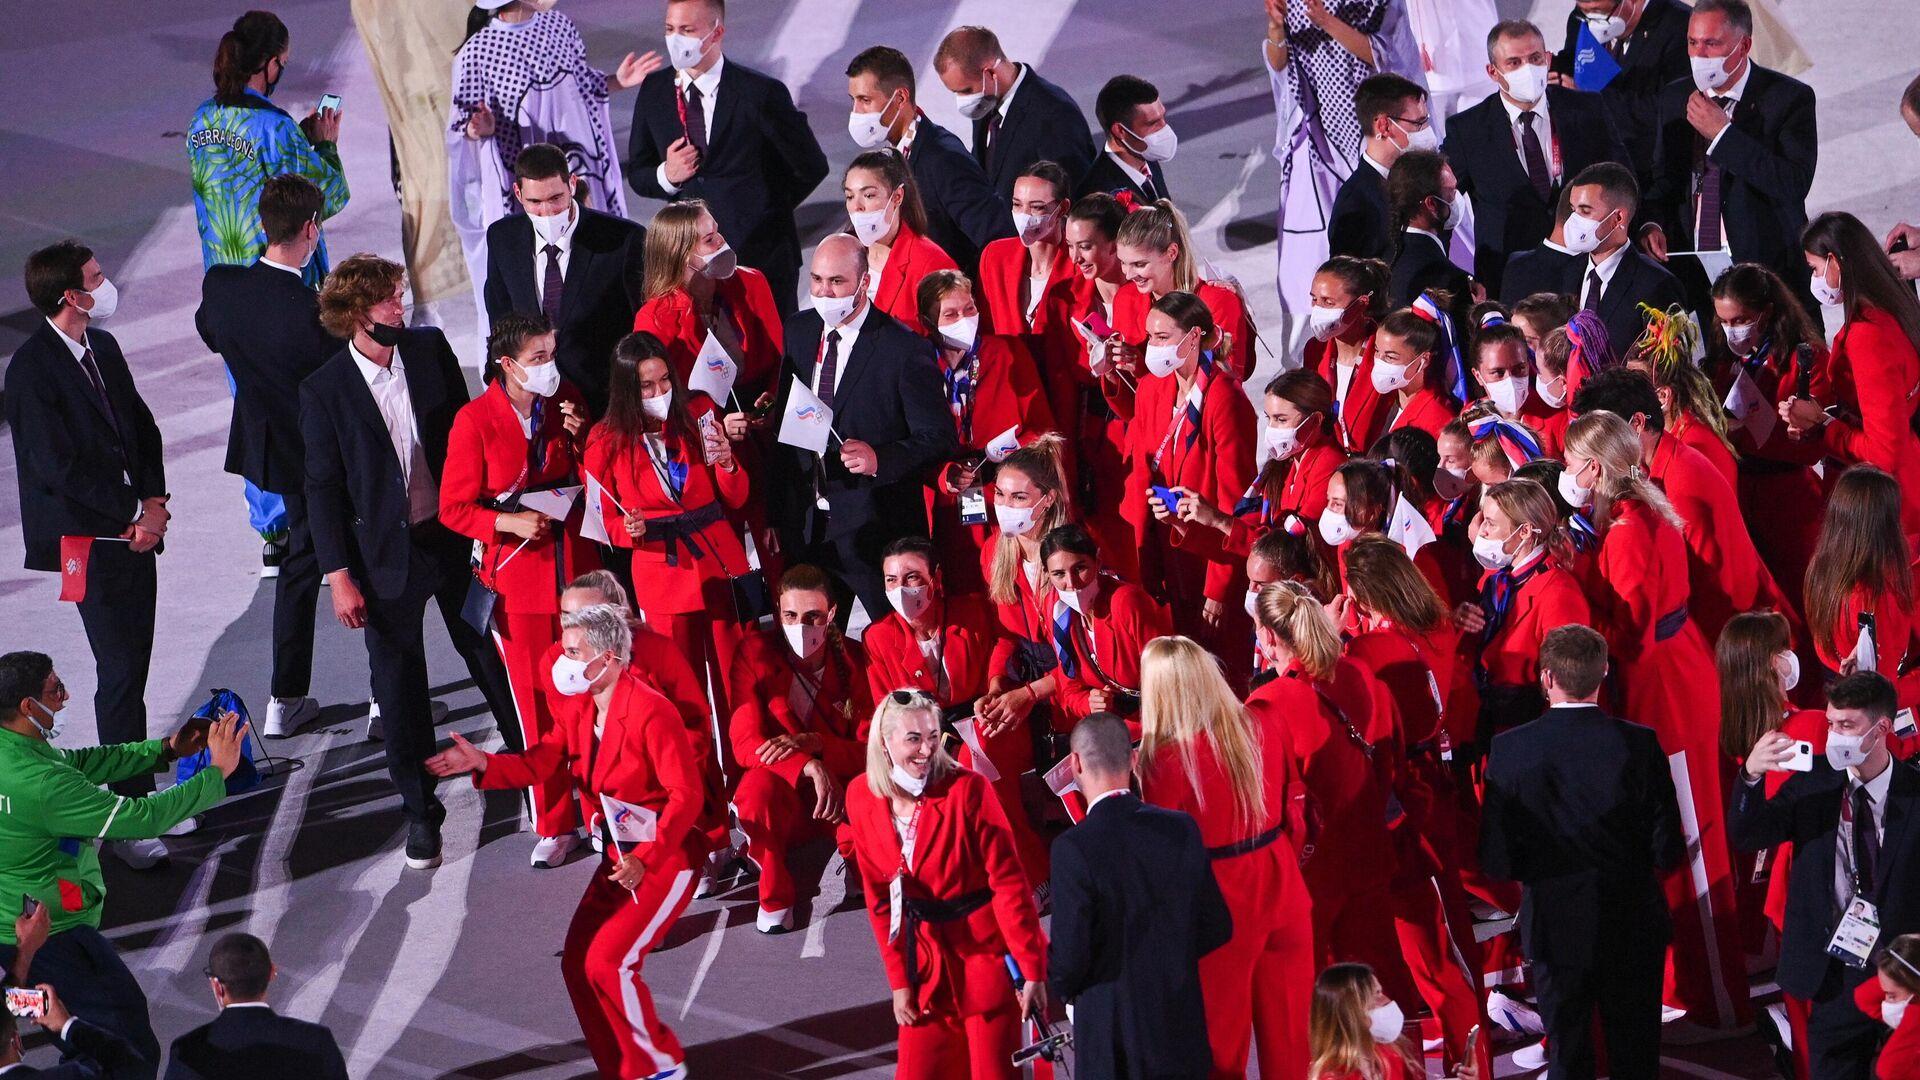 Российские спортсмены, члены сборной России (команда ОКР) фотографируются на параде атлетов на церемонии открытия XXXII летних Олимпийских игр в Токио. - РИА Новости, 1920, 27.07.2021